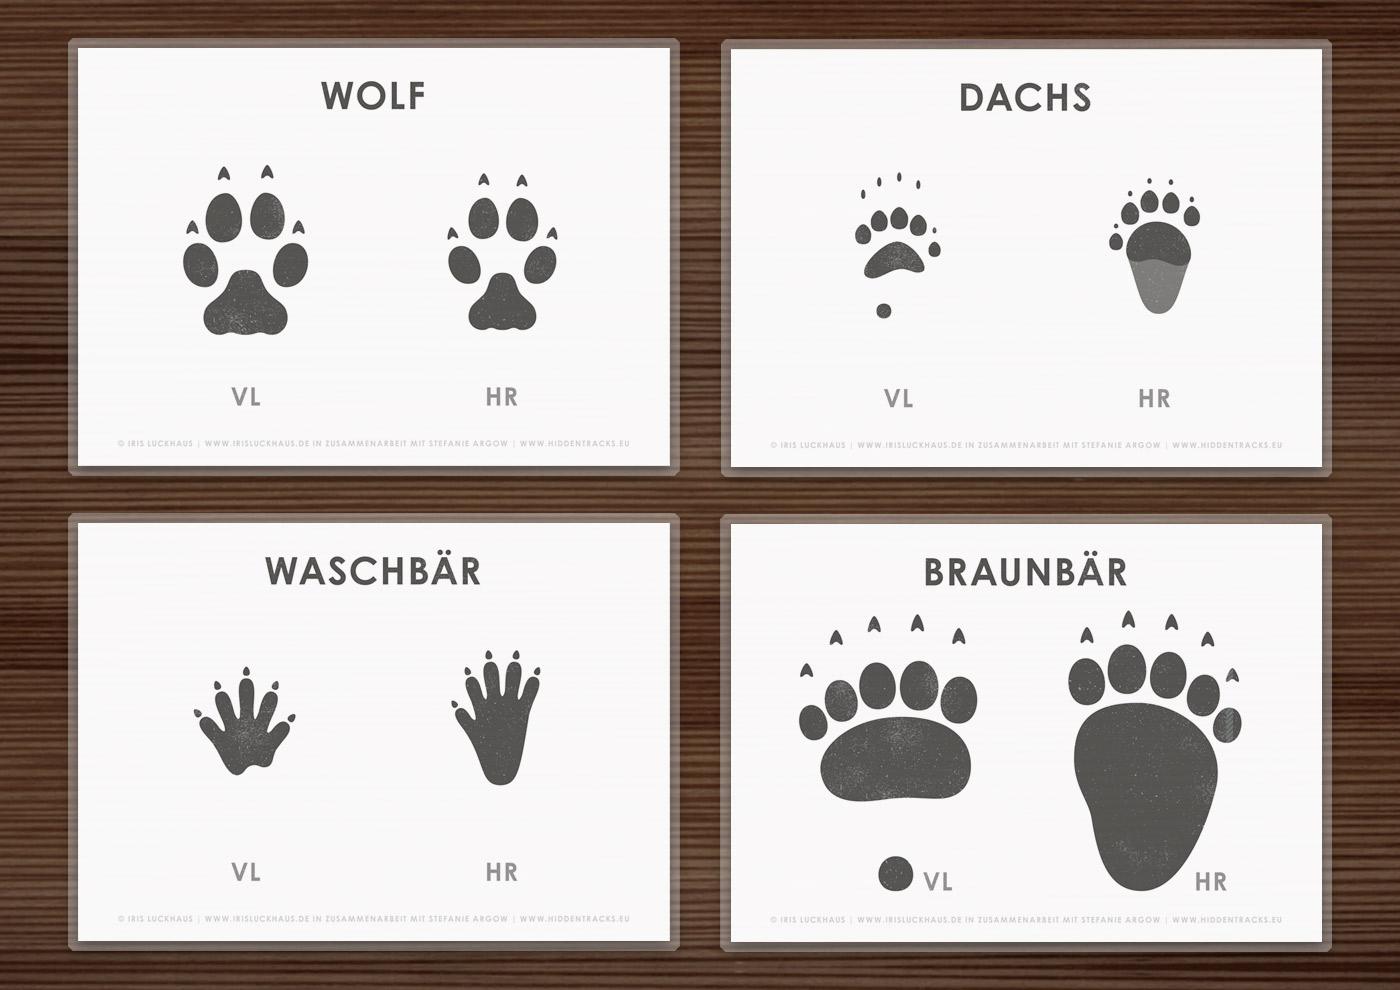 Arbeitsbogen Trittsiegel der Raubtiere Europas mit den Spuren von Hundeartigen wie Wolf, Dachs, Waschbär, Braunbär und Katzenartigen wie Luchs in Zusammenarbeit mit Stefanie Argow vo Hidden